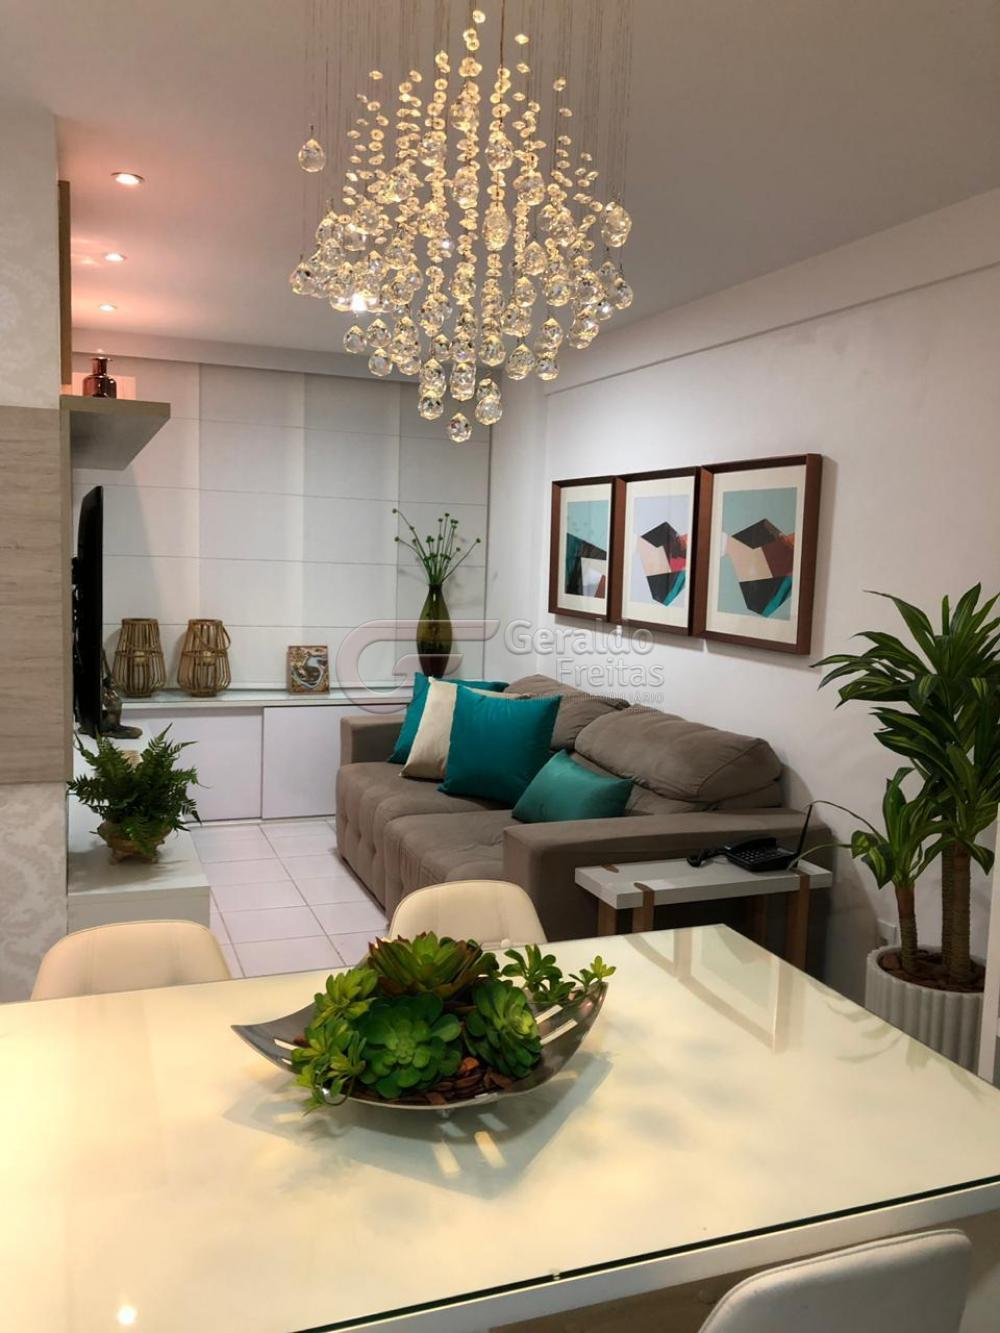 Comprar Apartamentos / Padrão em Maceió apenas R$ 275.000,00 - Foto 1